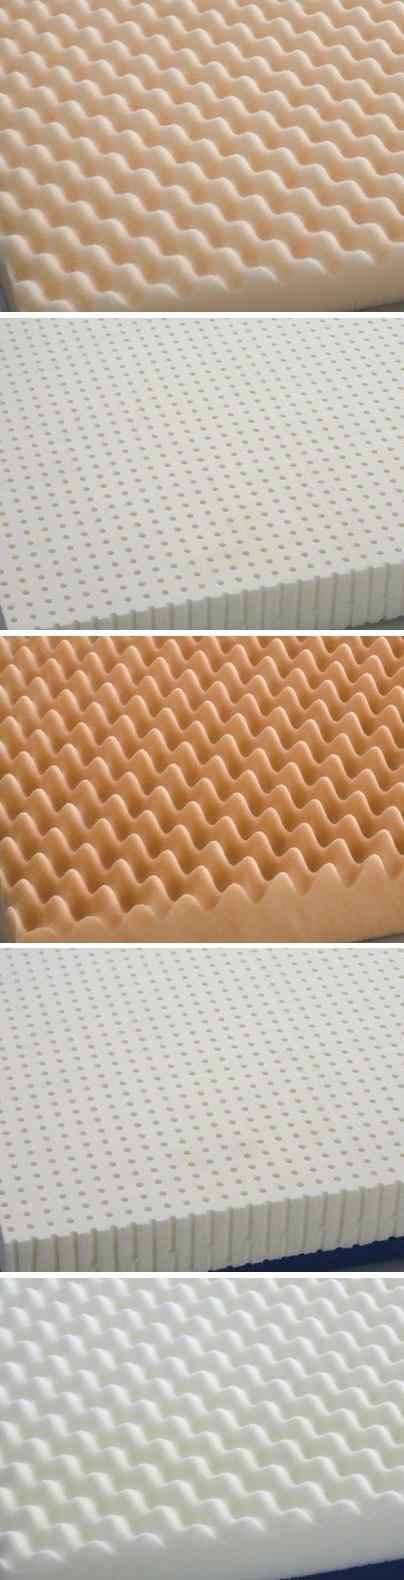 Pěny u lamelových matrací